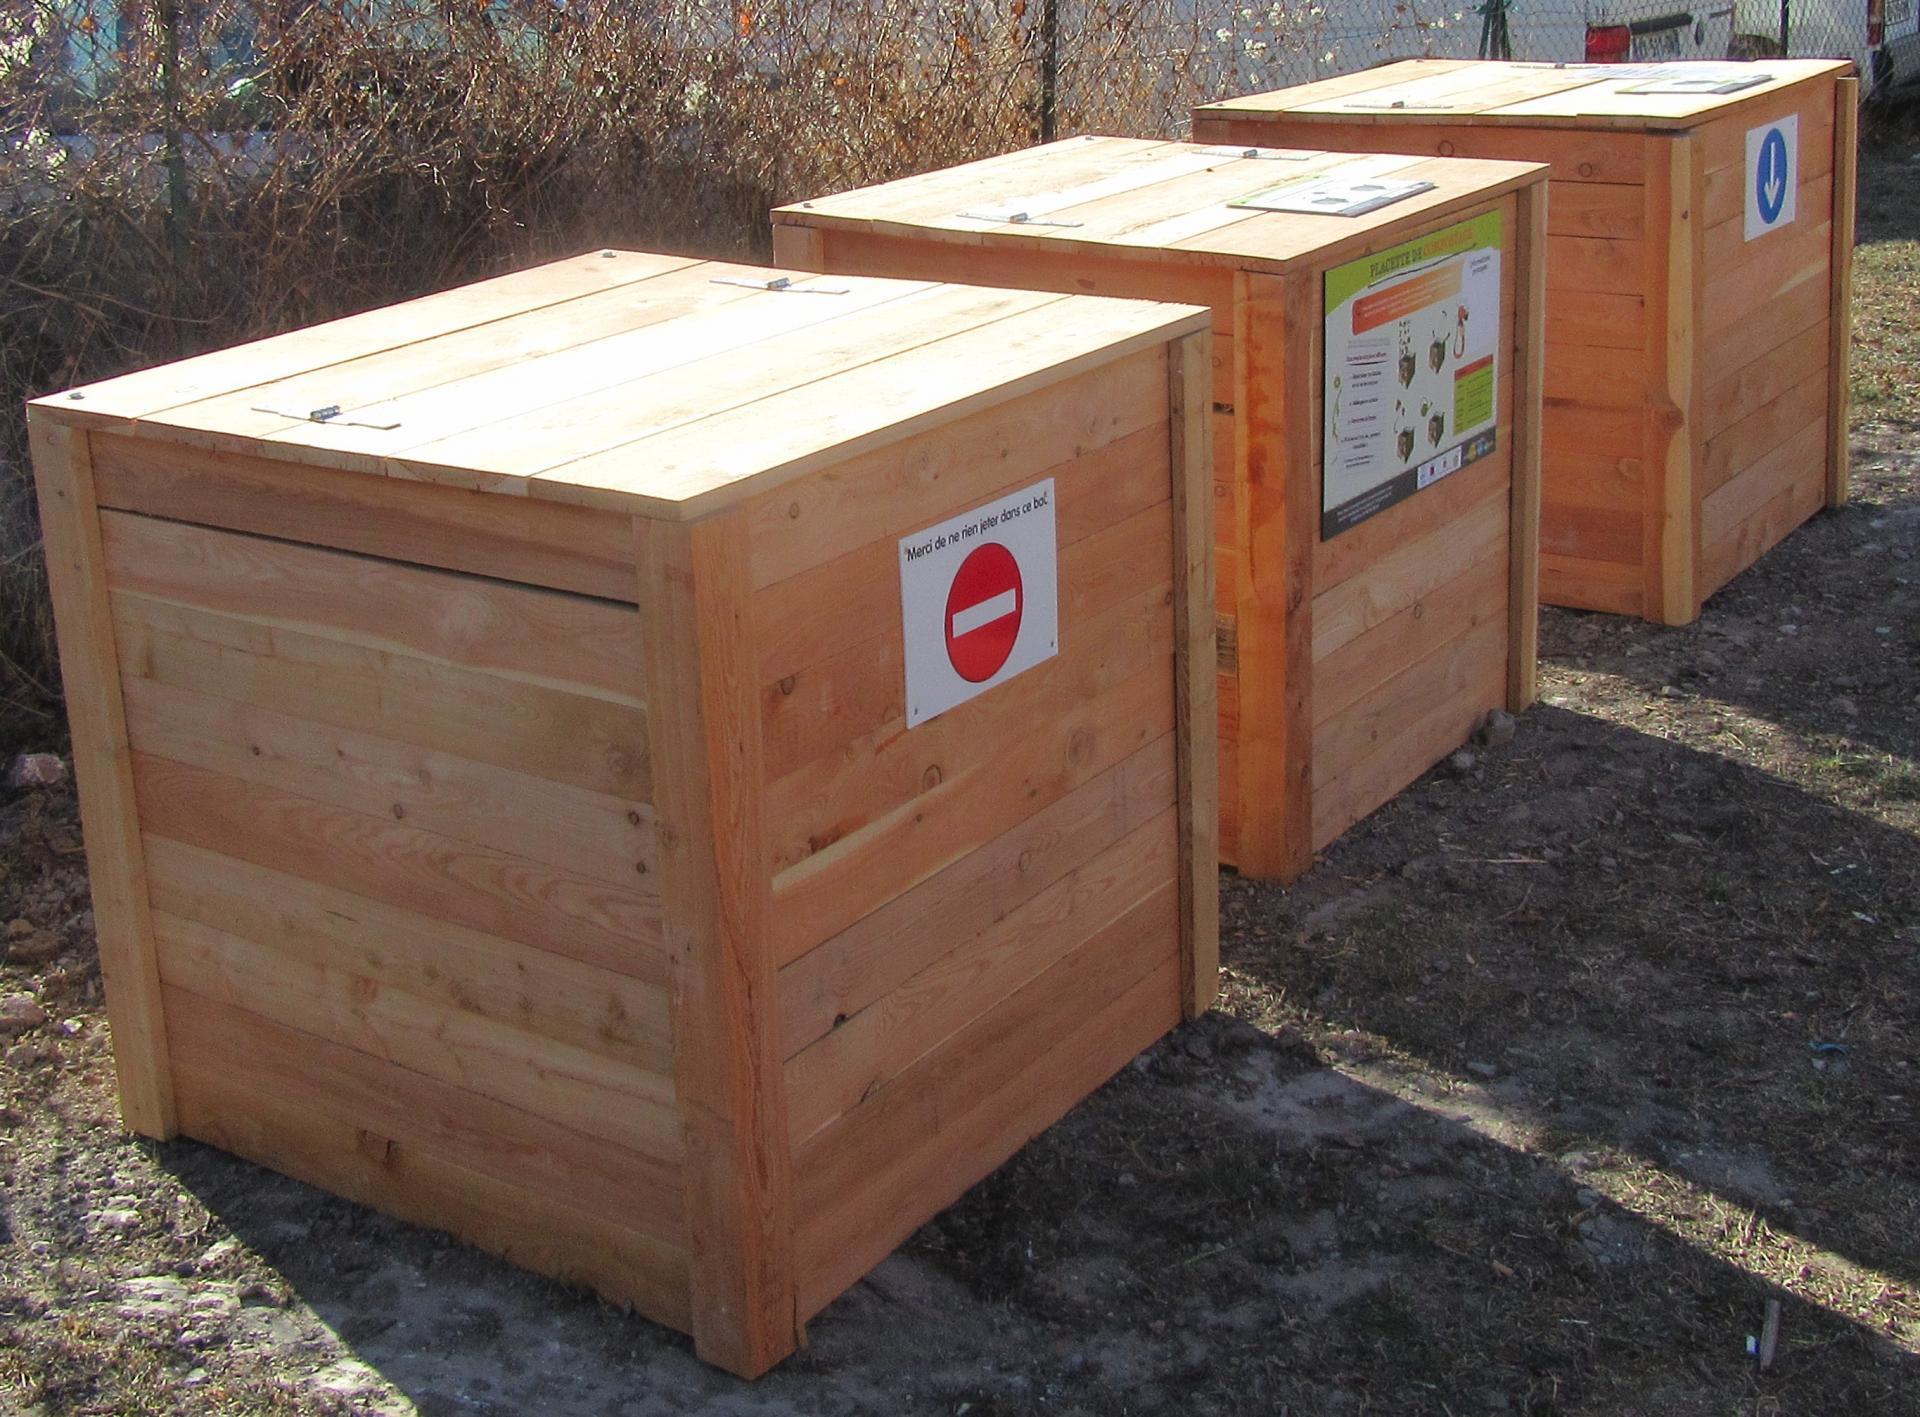 Semaine Nationale du compostage de proximité 2018